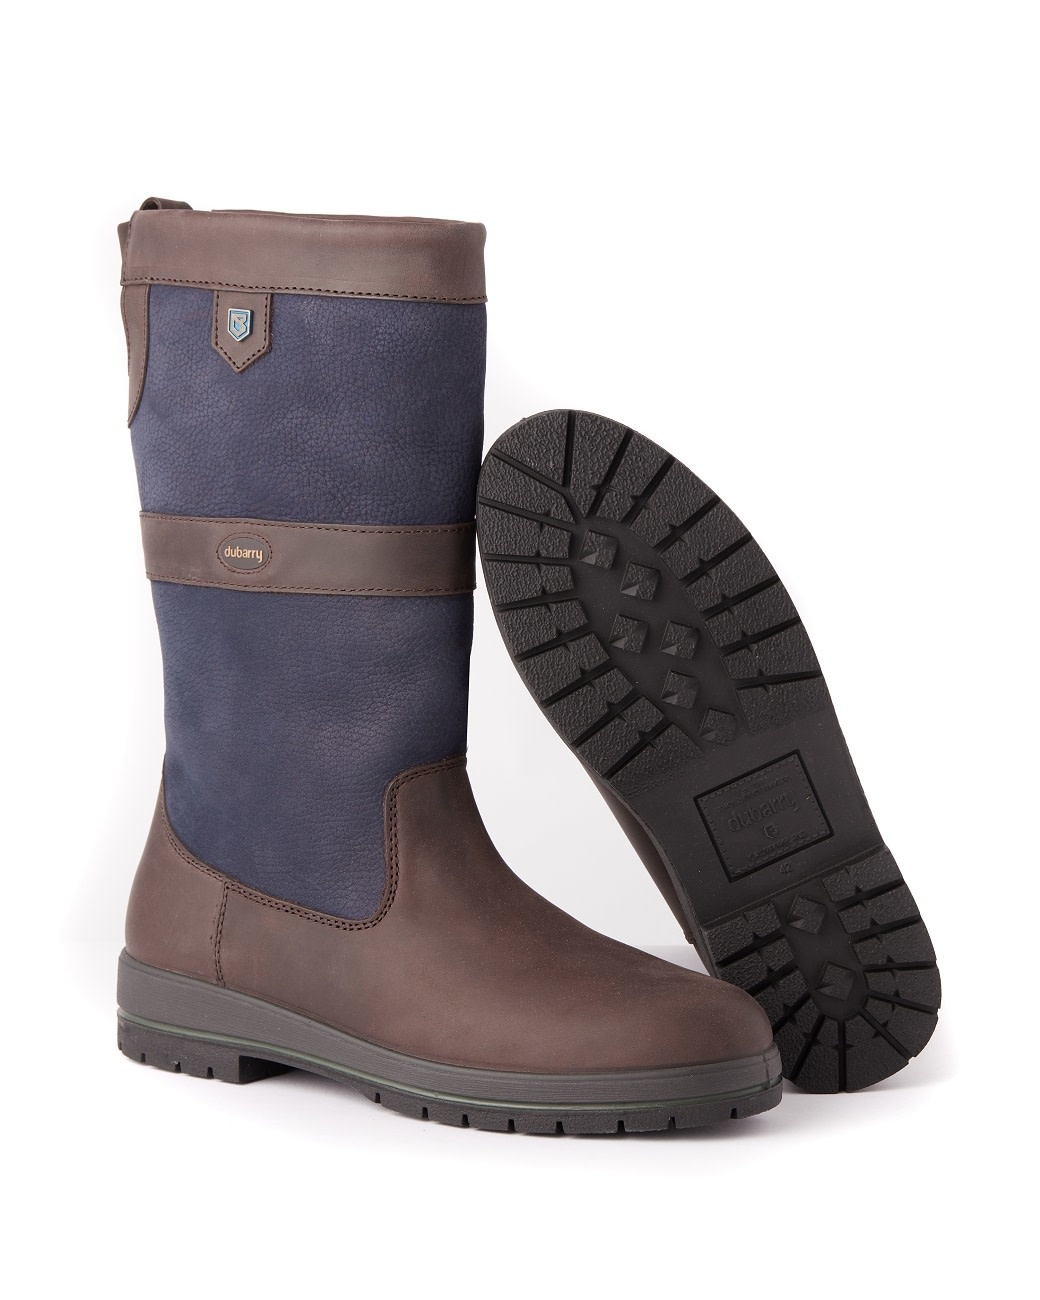 Dubarry Kildare outdoor laarzen - Navy/Brown-4